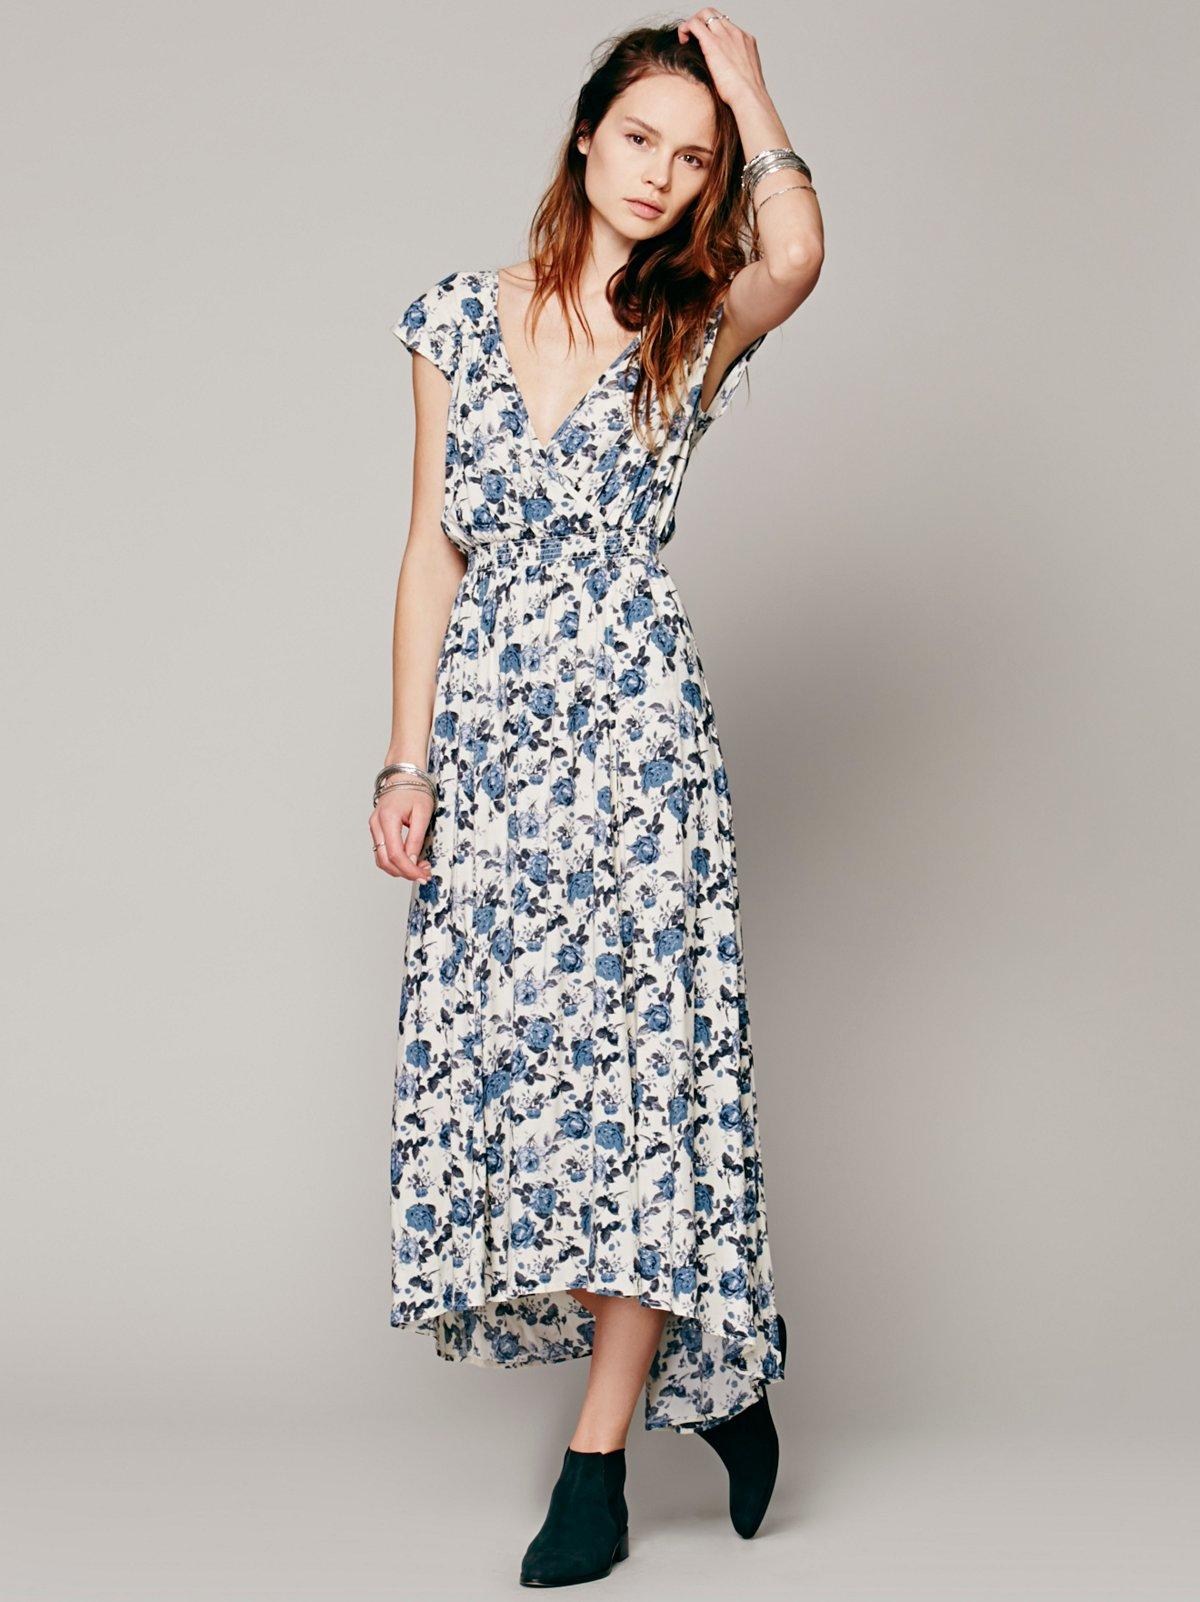 Shadowplay Maxi Dress